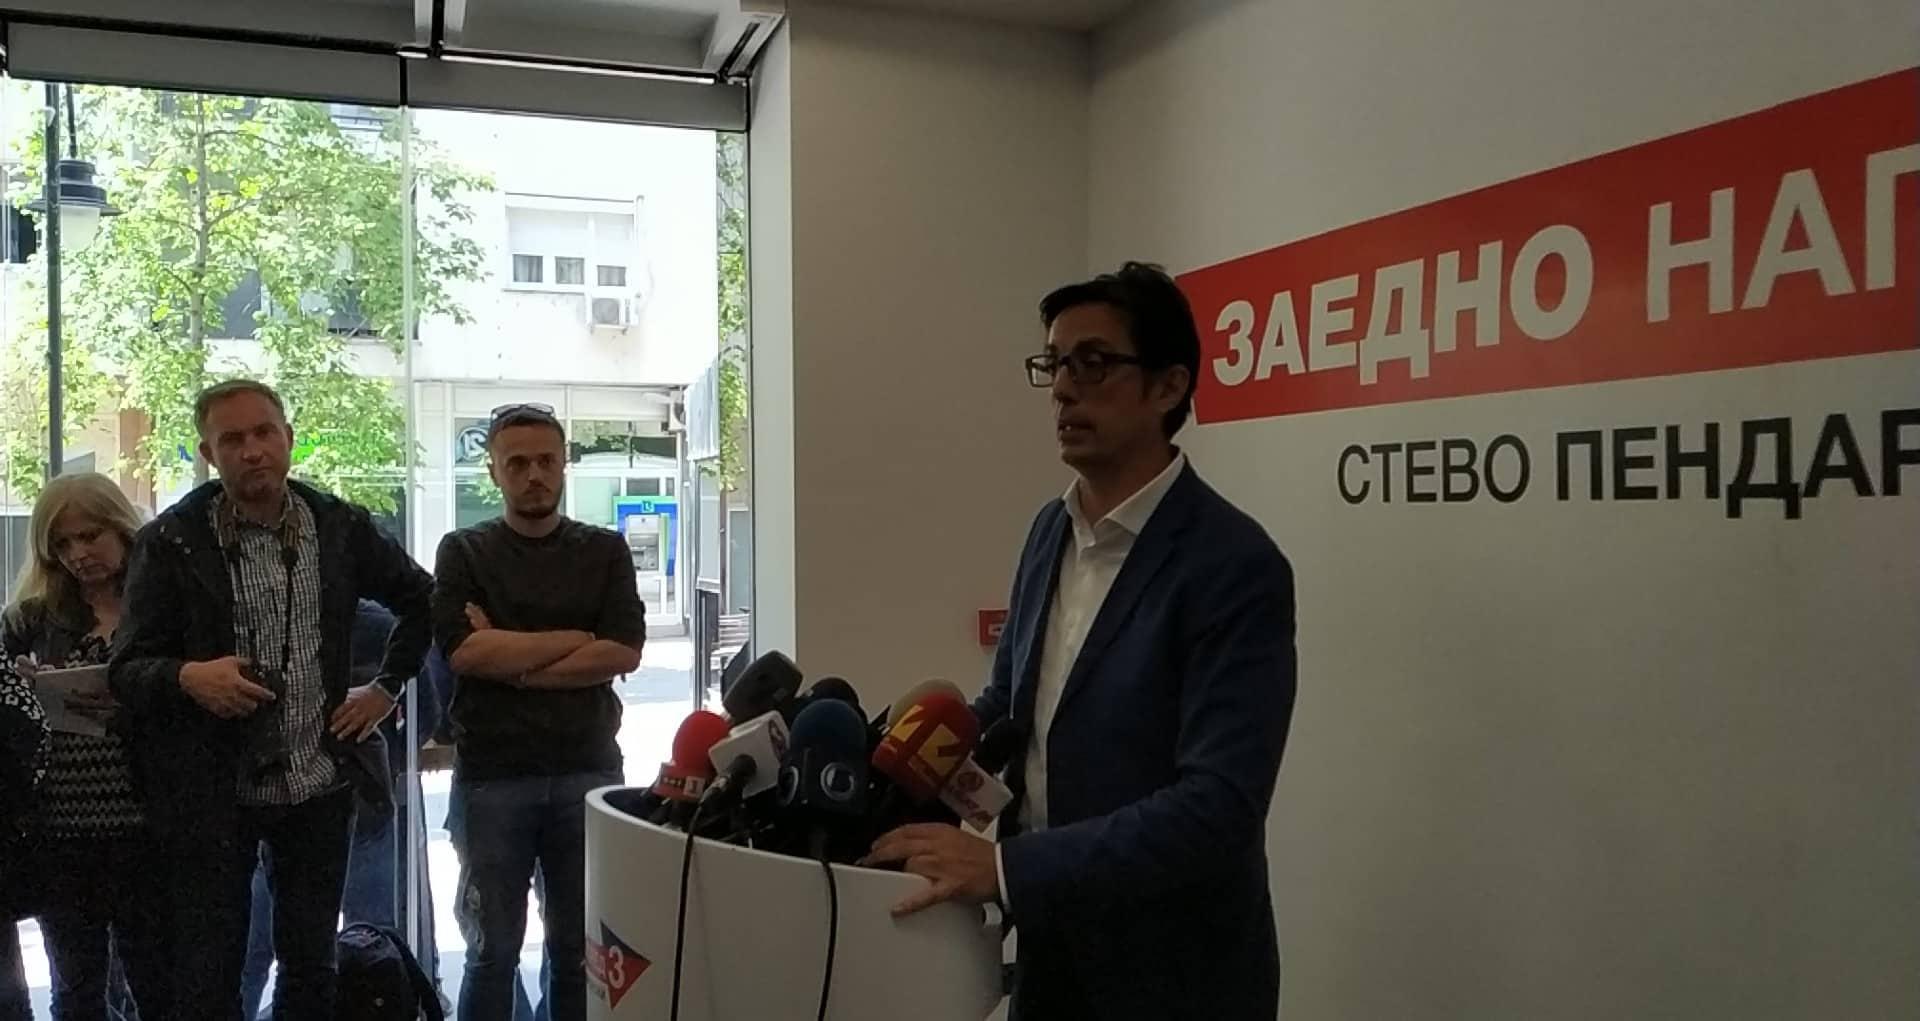 Пендаровски од Велес ги повика граѓаните на петти мај да го заокружат бројот три